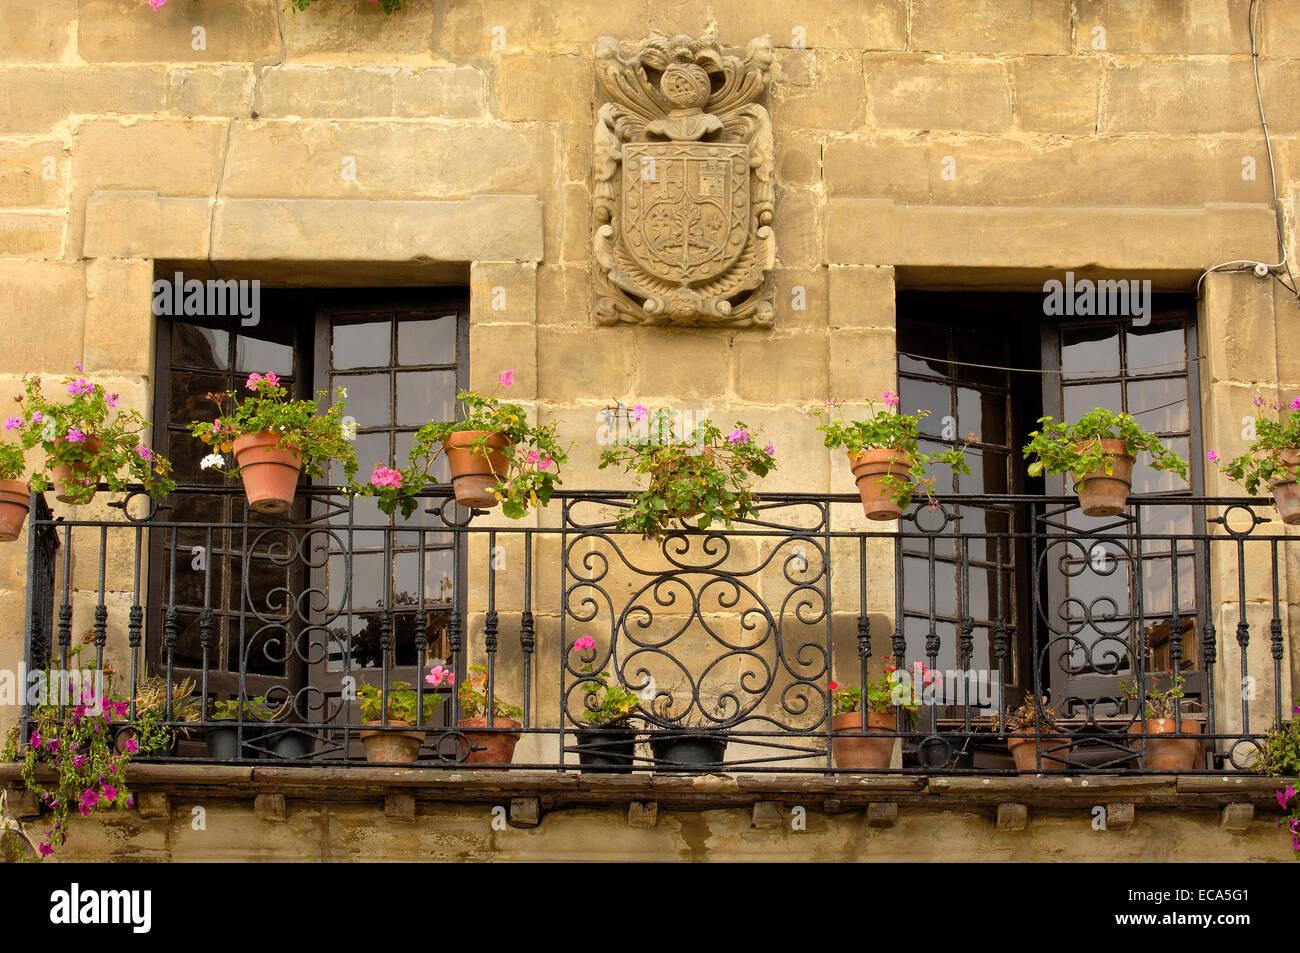 Balcony Parapet Stock Photos & Balcony Parapet Stock Images - Alamy